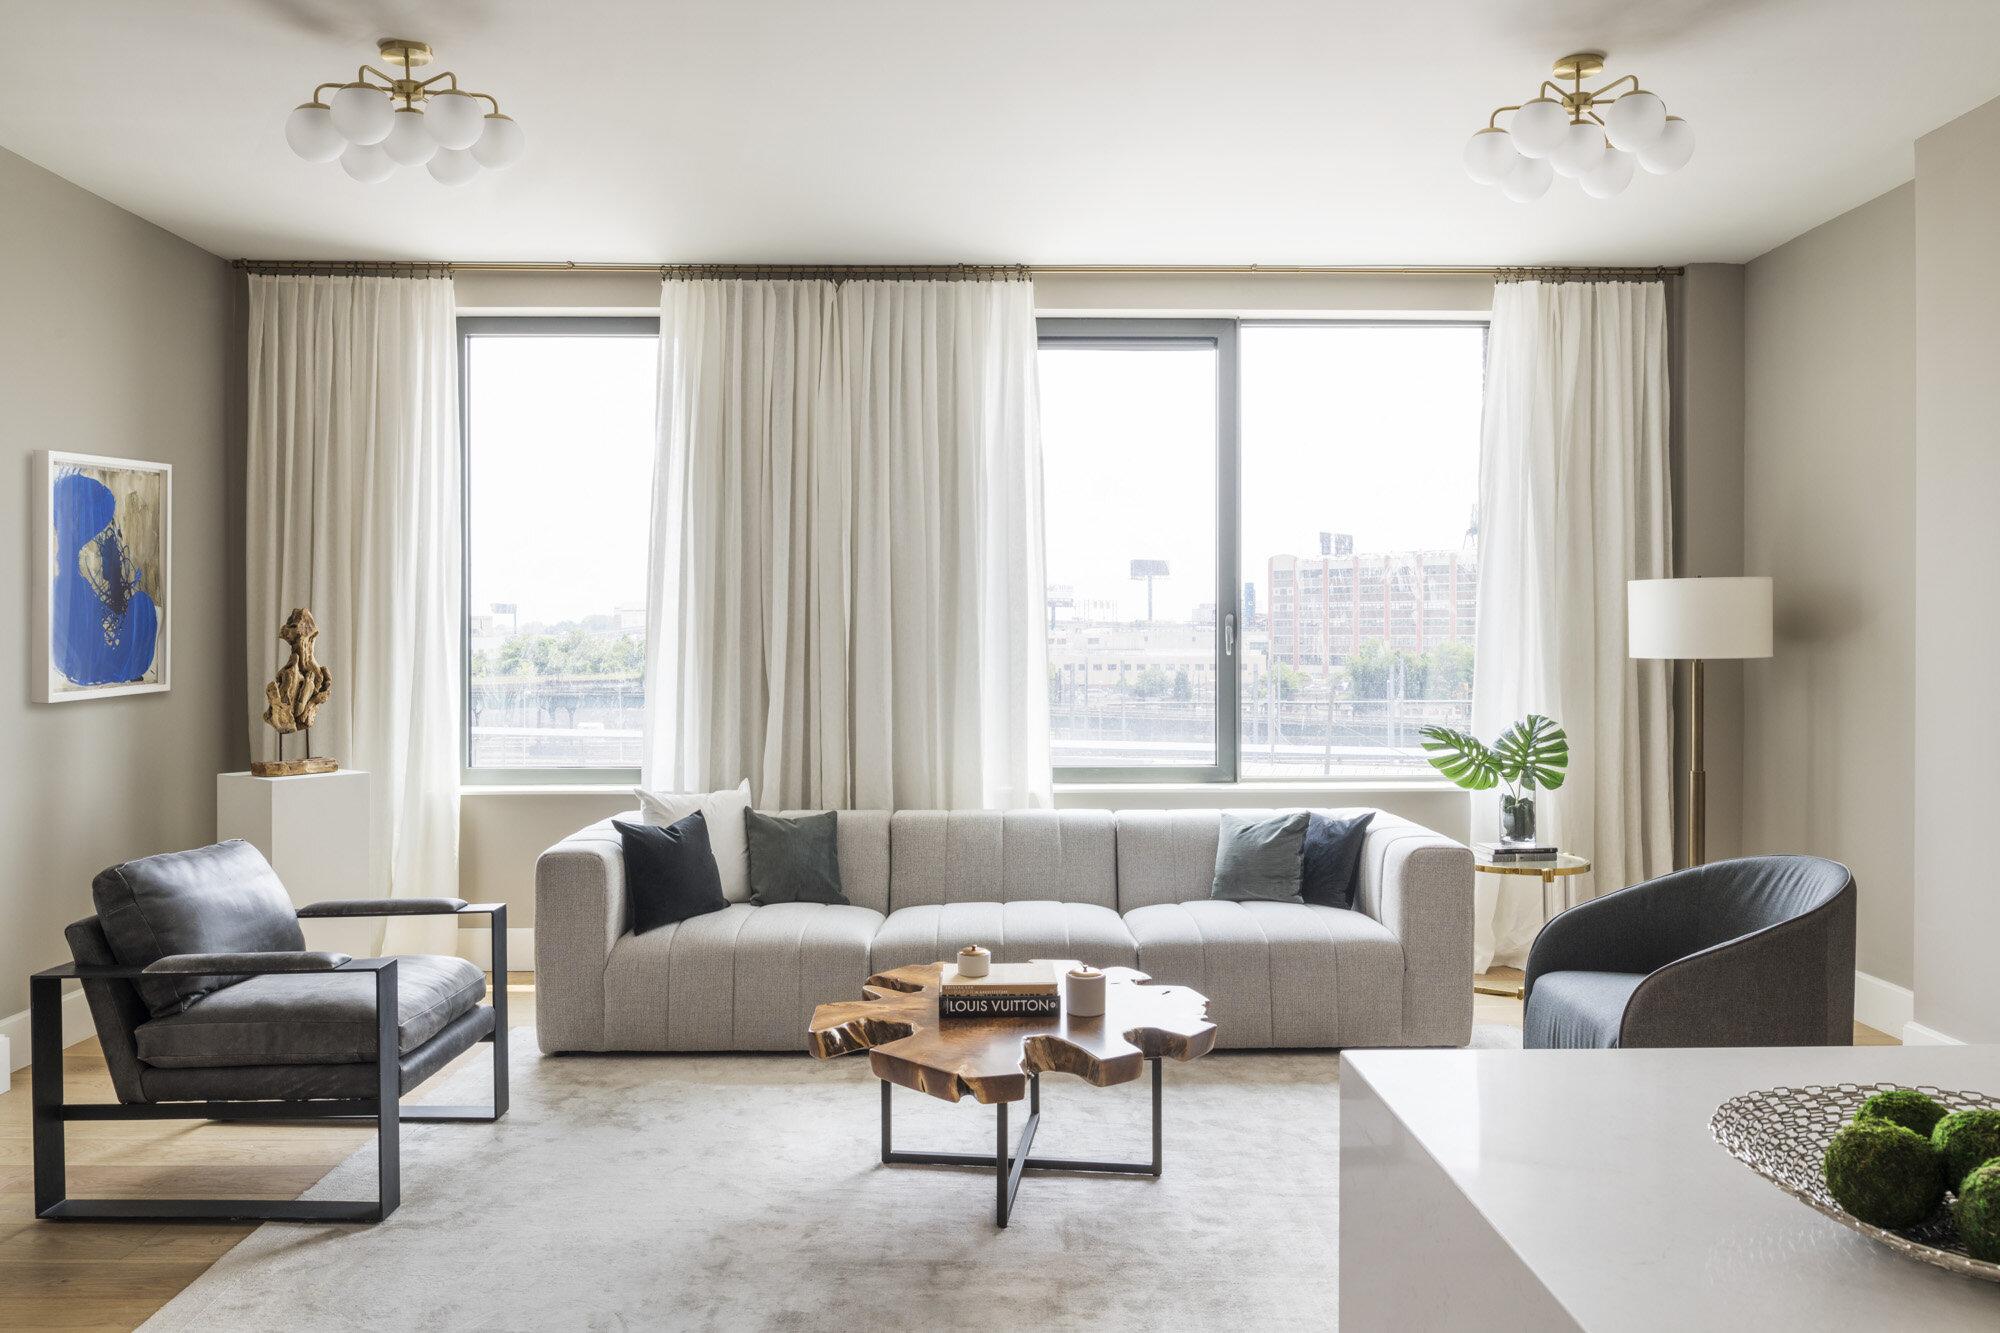 Galerie 2 bedroom living.jpg